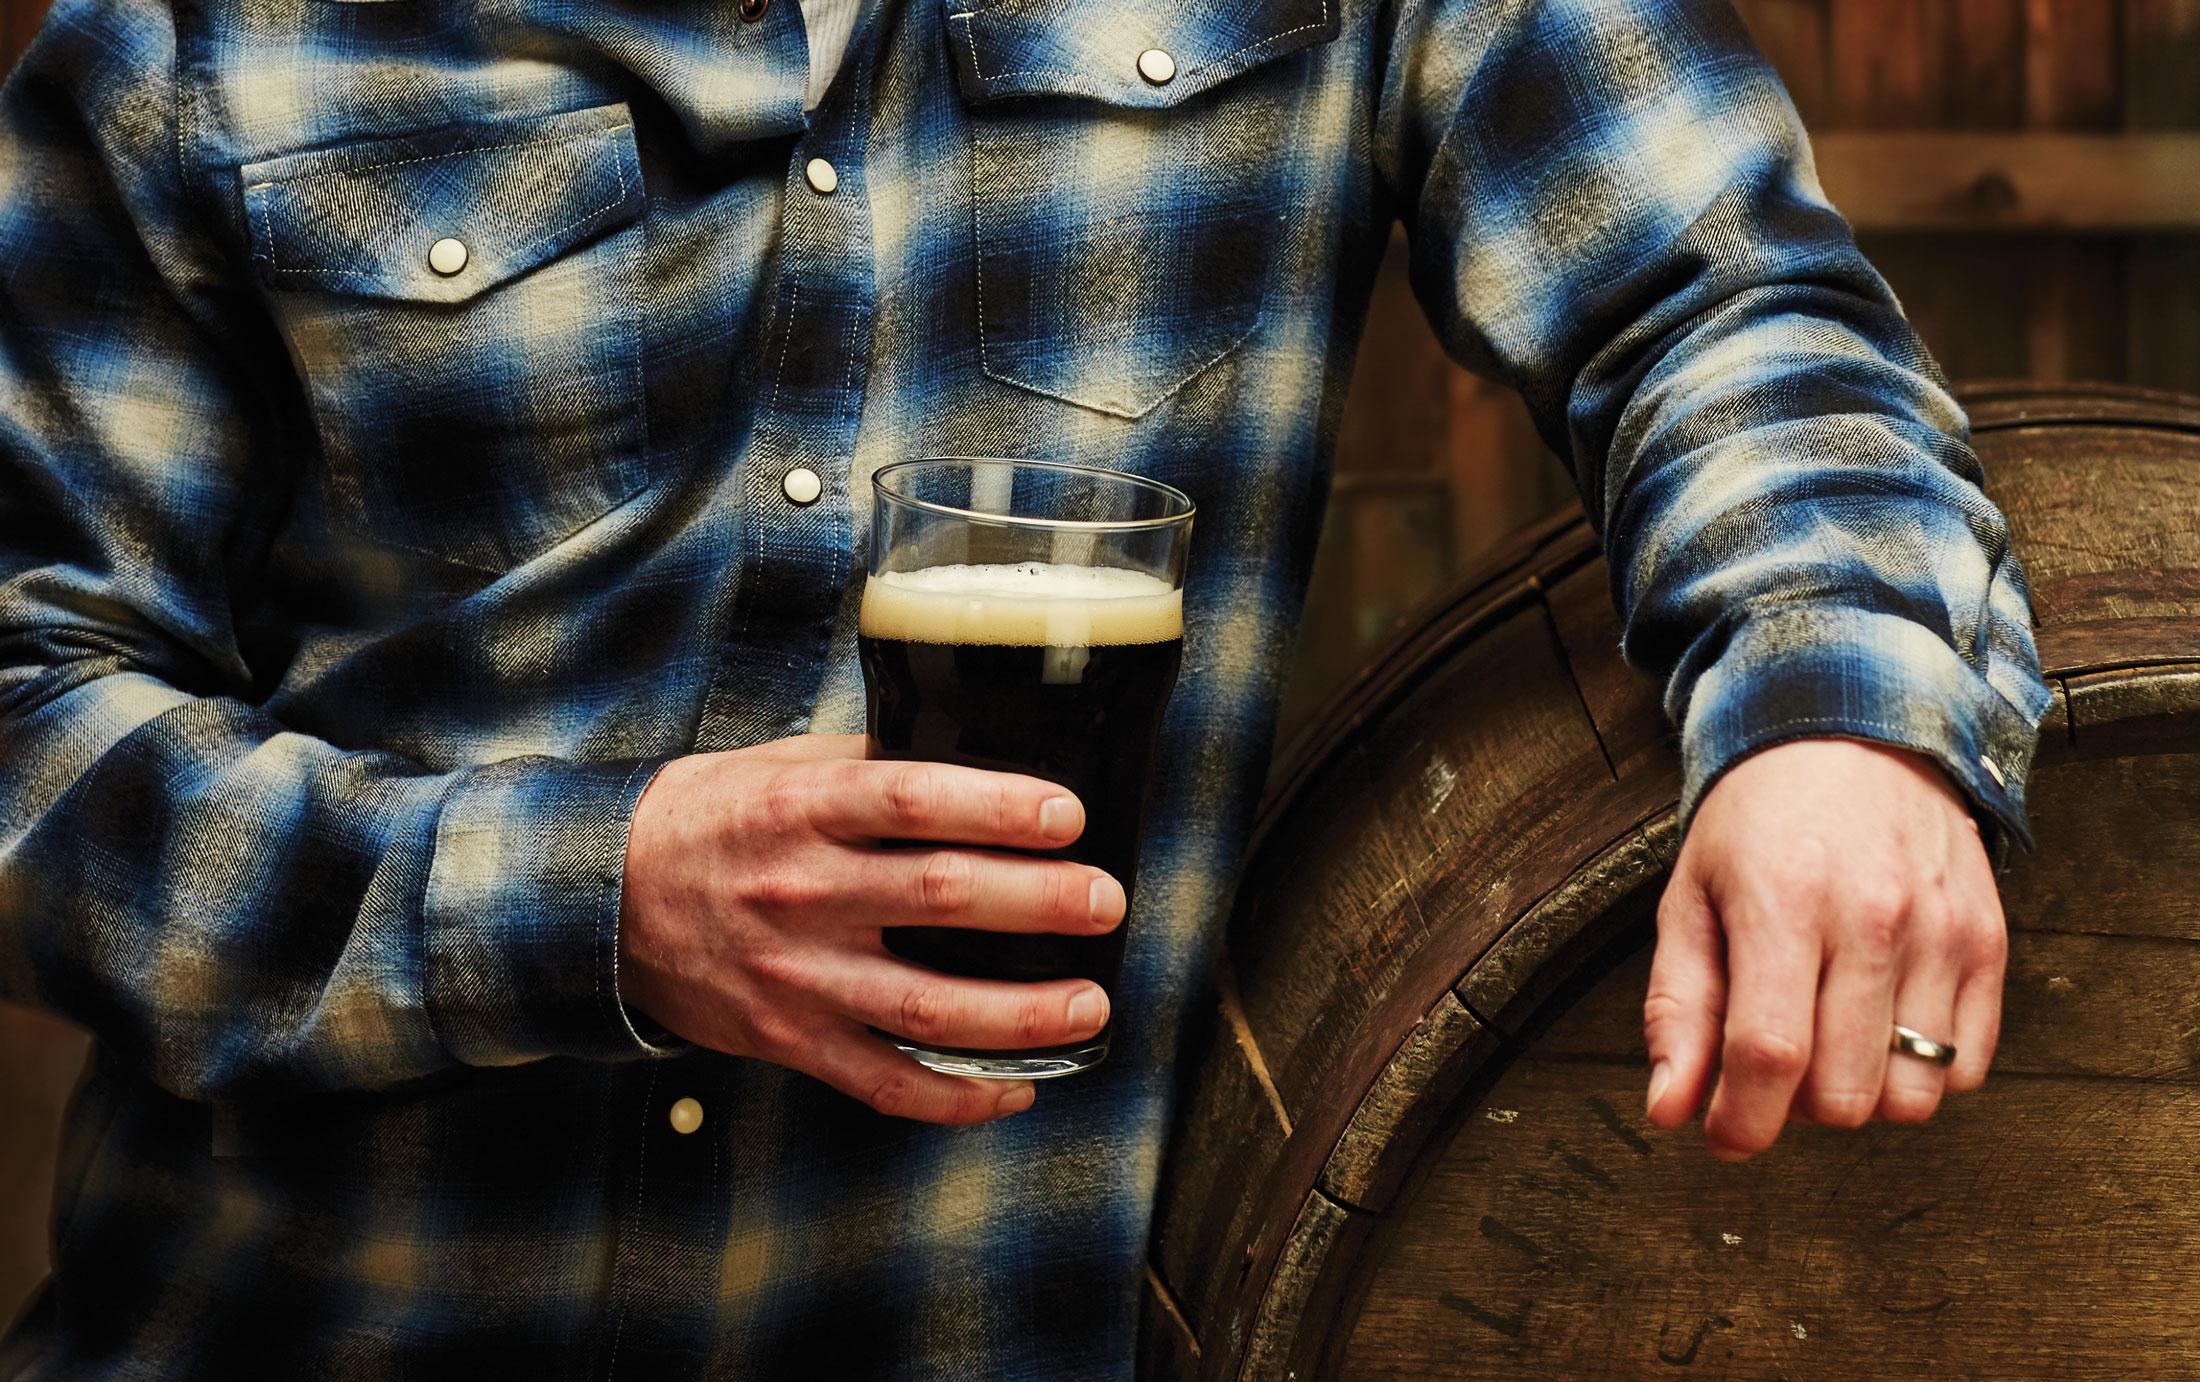 lcbo-beer-cold-room-craft-beer-lifestyle-sputnik-design-partners-toronto.jpg